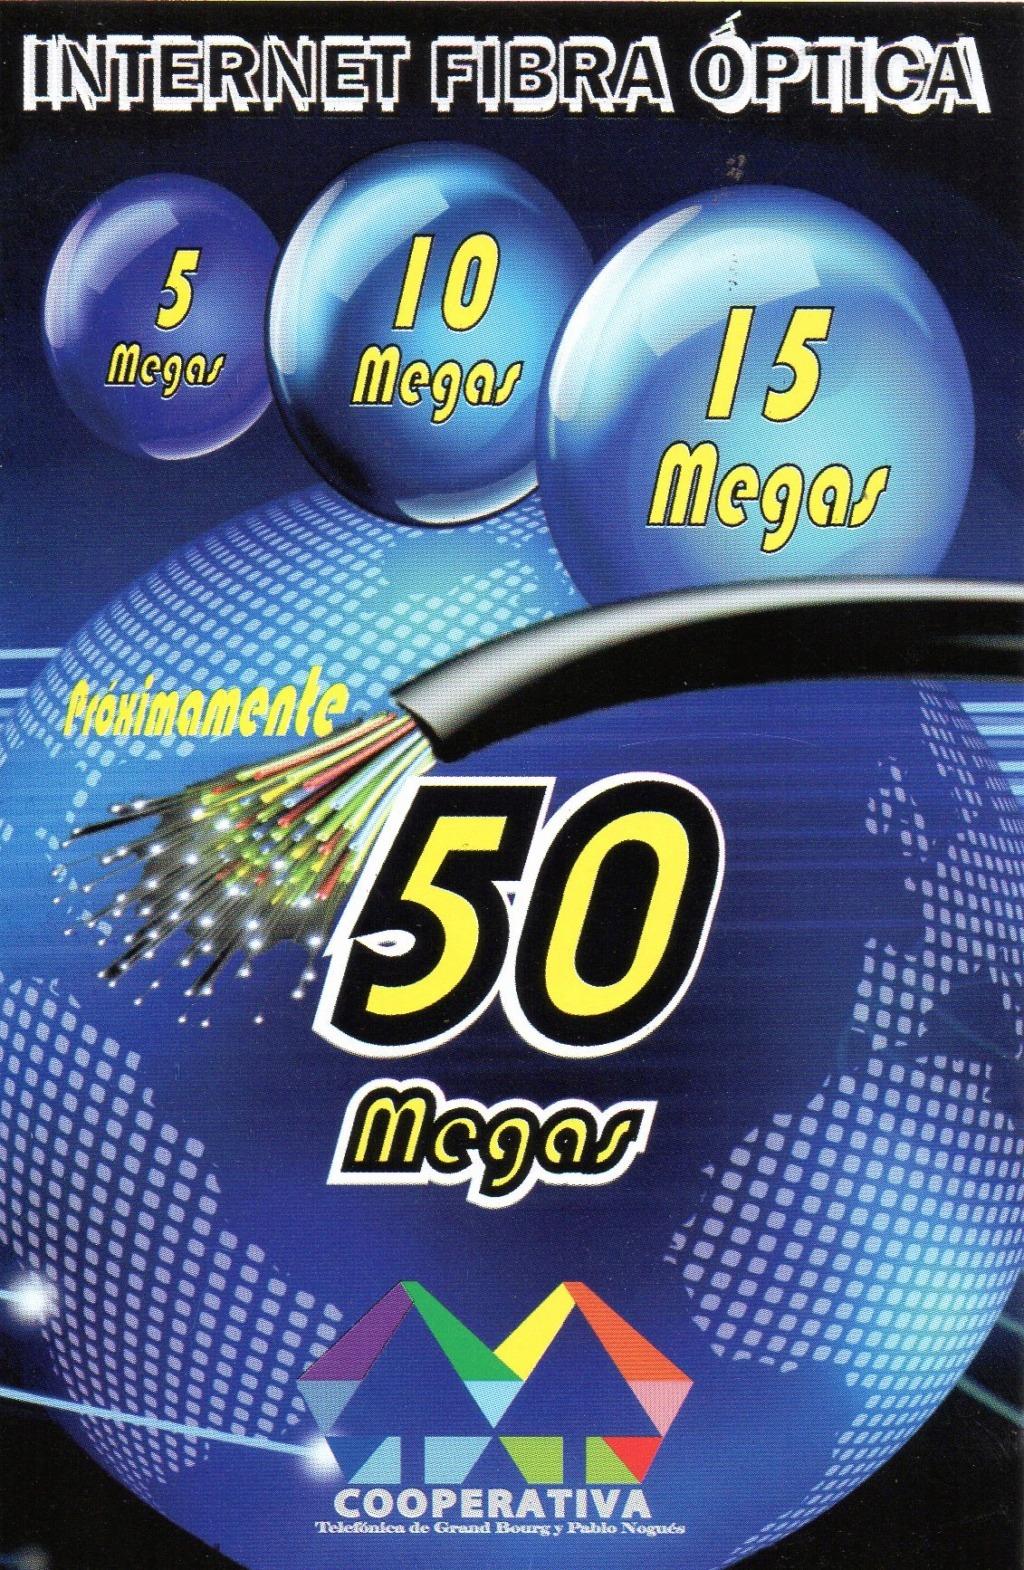 bourg - Los servicios tienen nombre: Cooperativa Telefónica de Grand Bourg y pablo Nogués. Cooper15